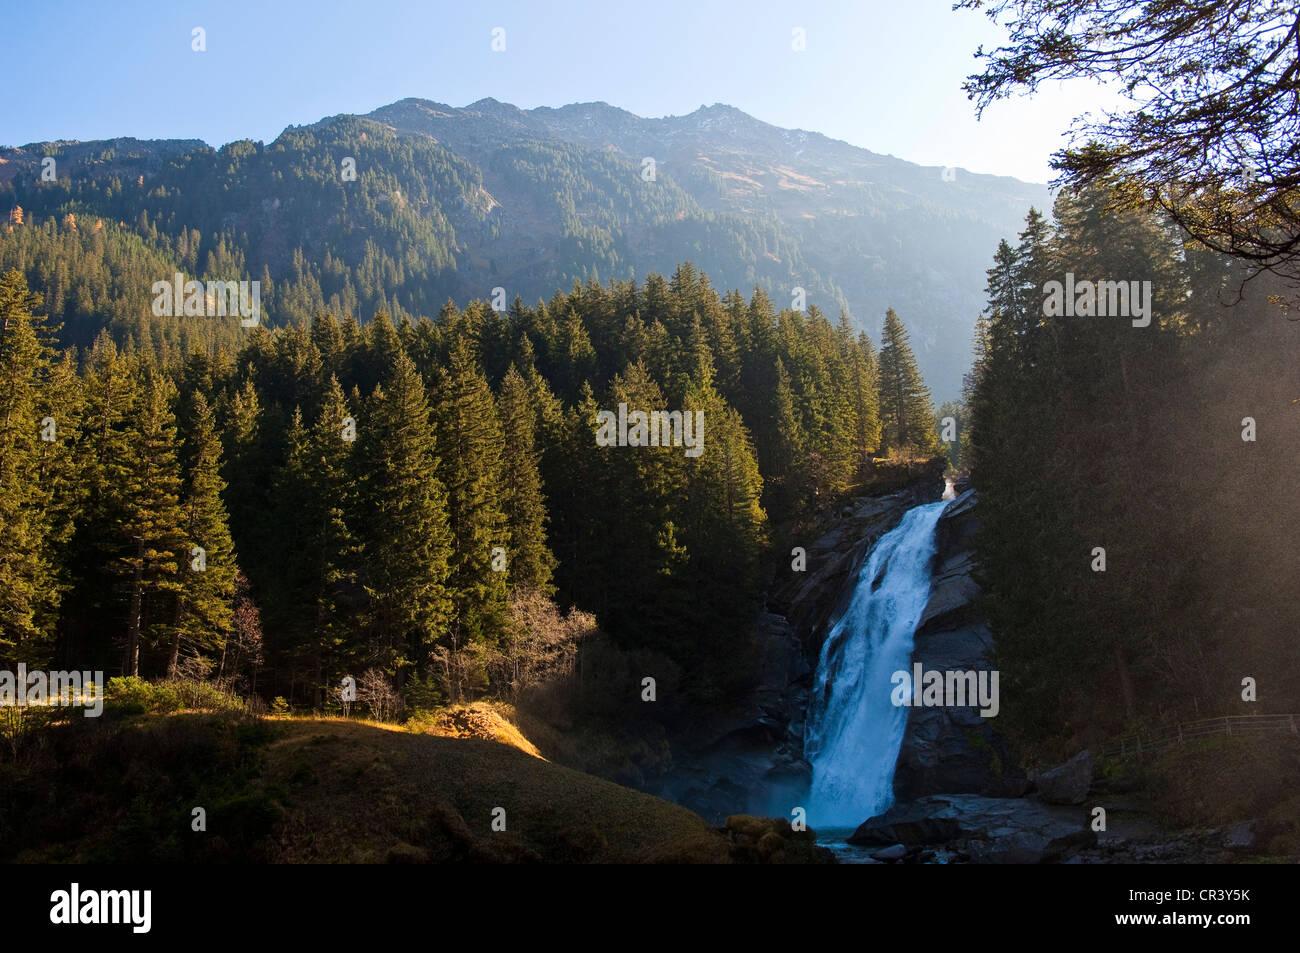 Austria, Land Salisburgo, Krimml, Parco Nazionale degli Hohe Tauern, circuiti turistici della cascata Krimml, Krimmler Wasserfälle Foto Stock